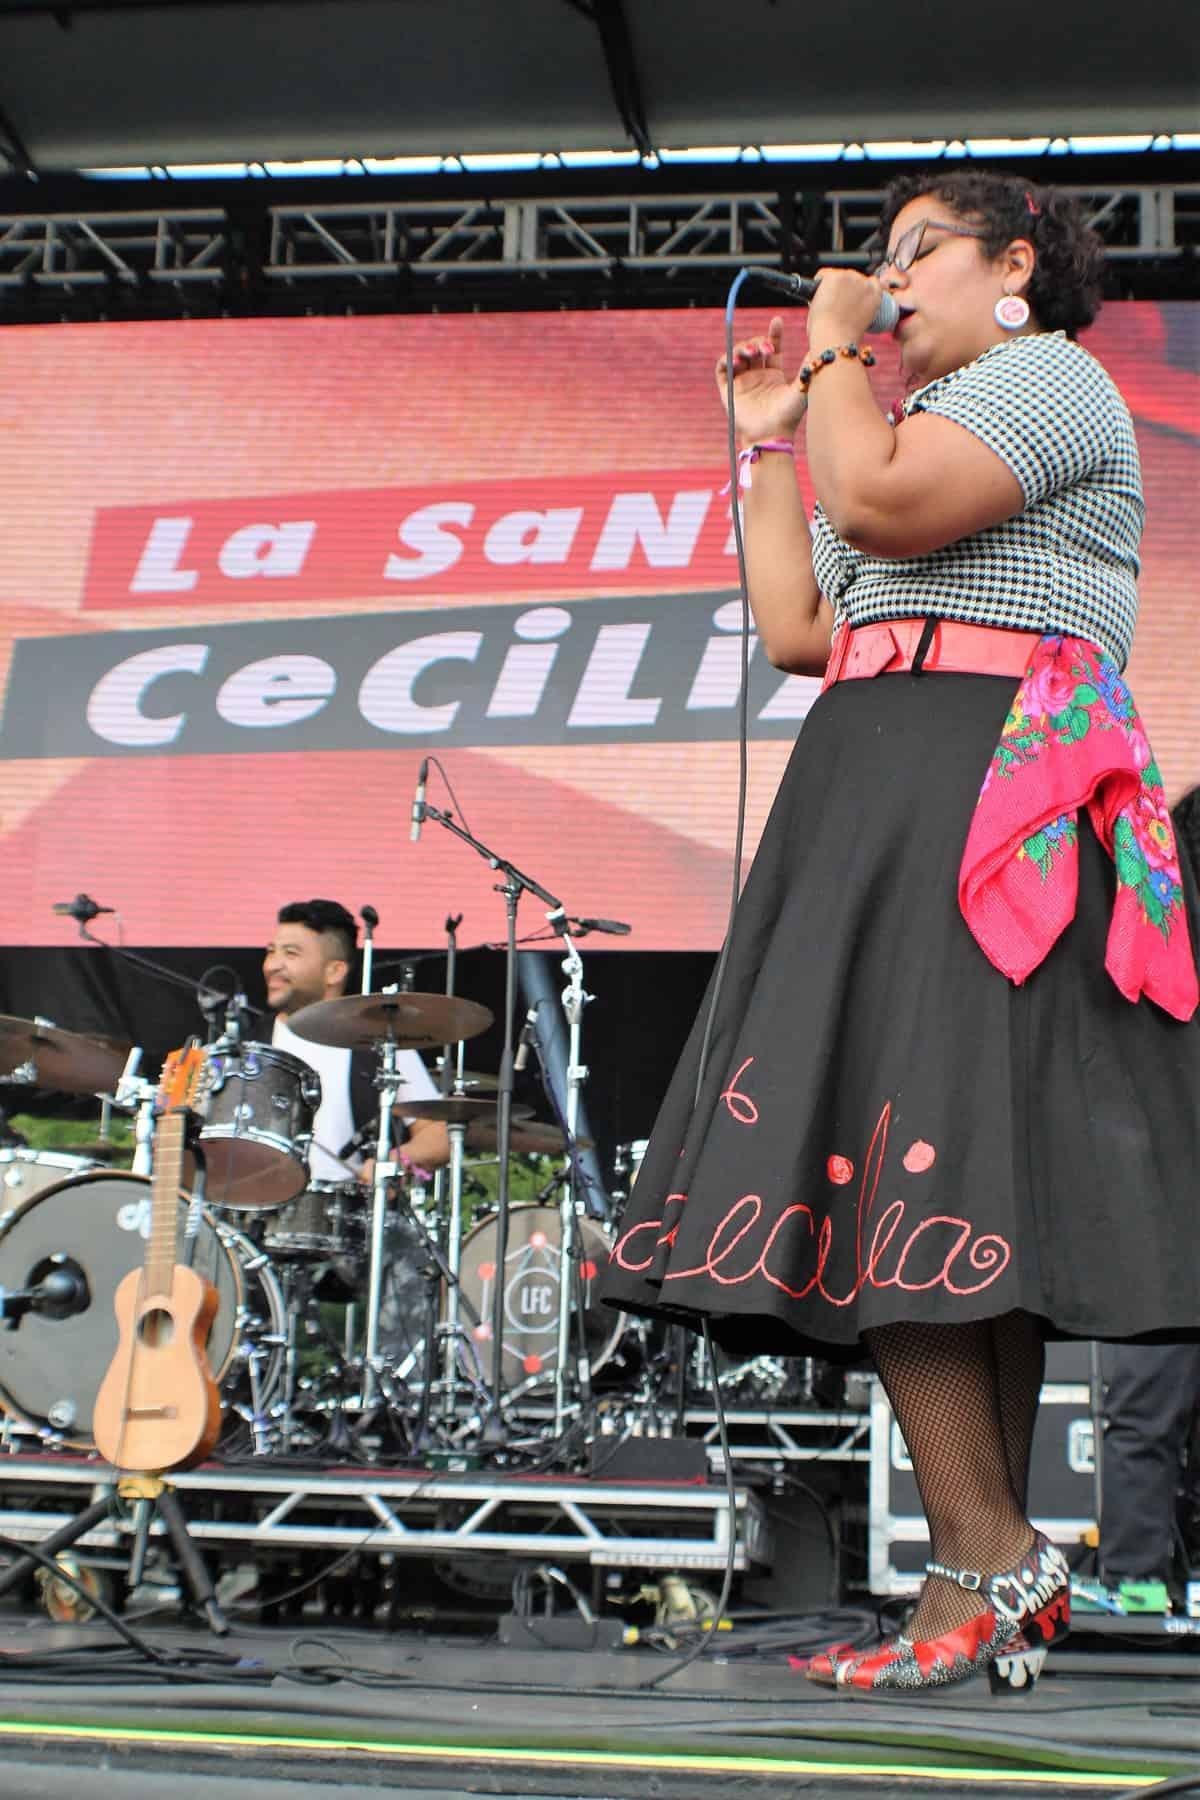 La Marisol from La Santa Cecilia